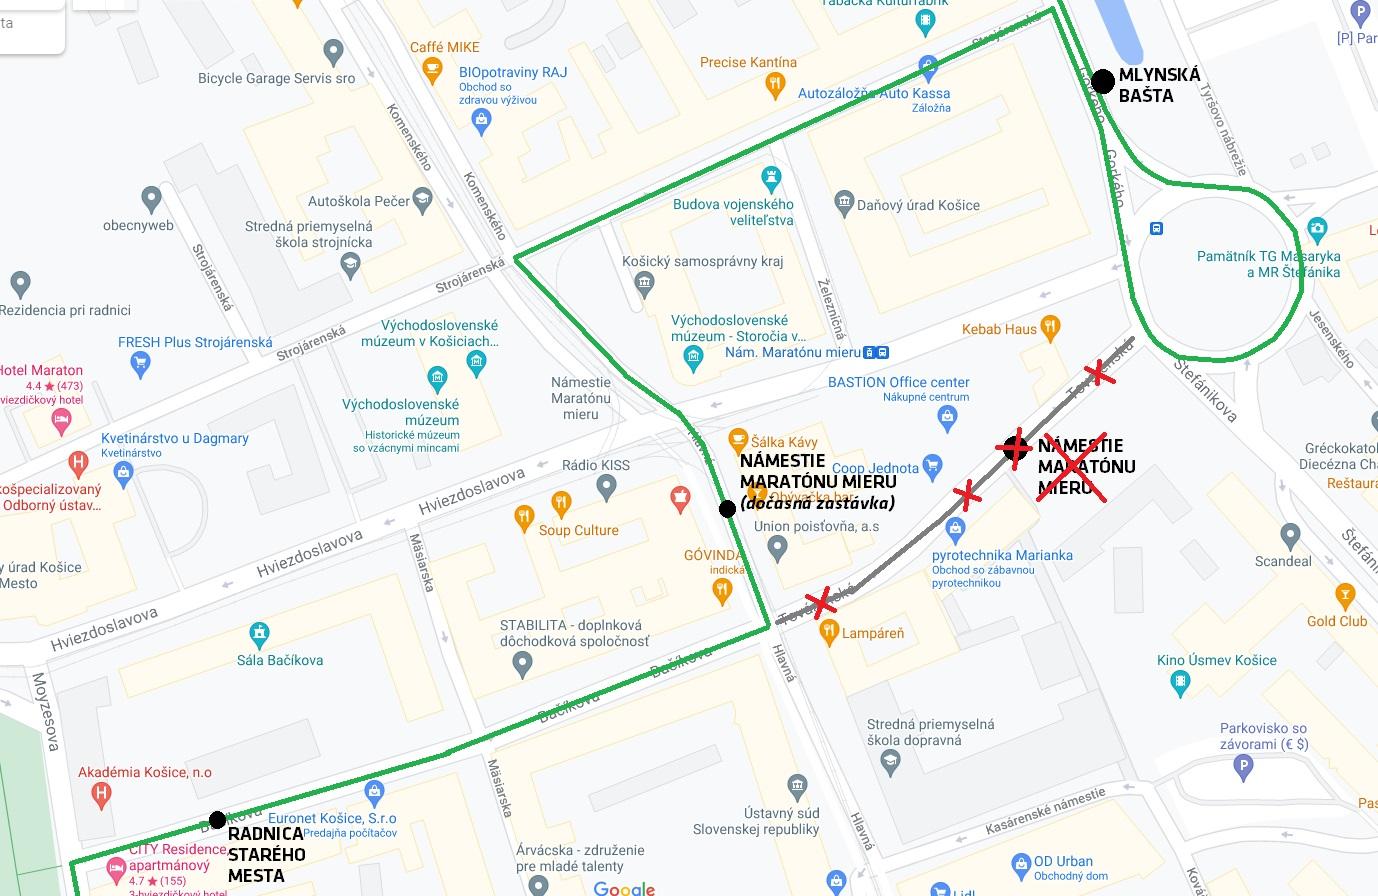 Obchádzkové trasy linky č. 22 a 36